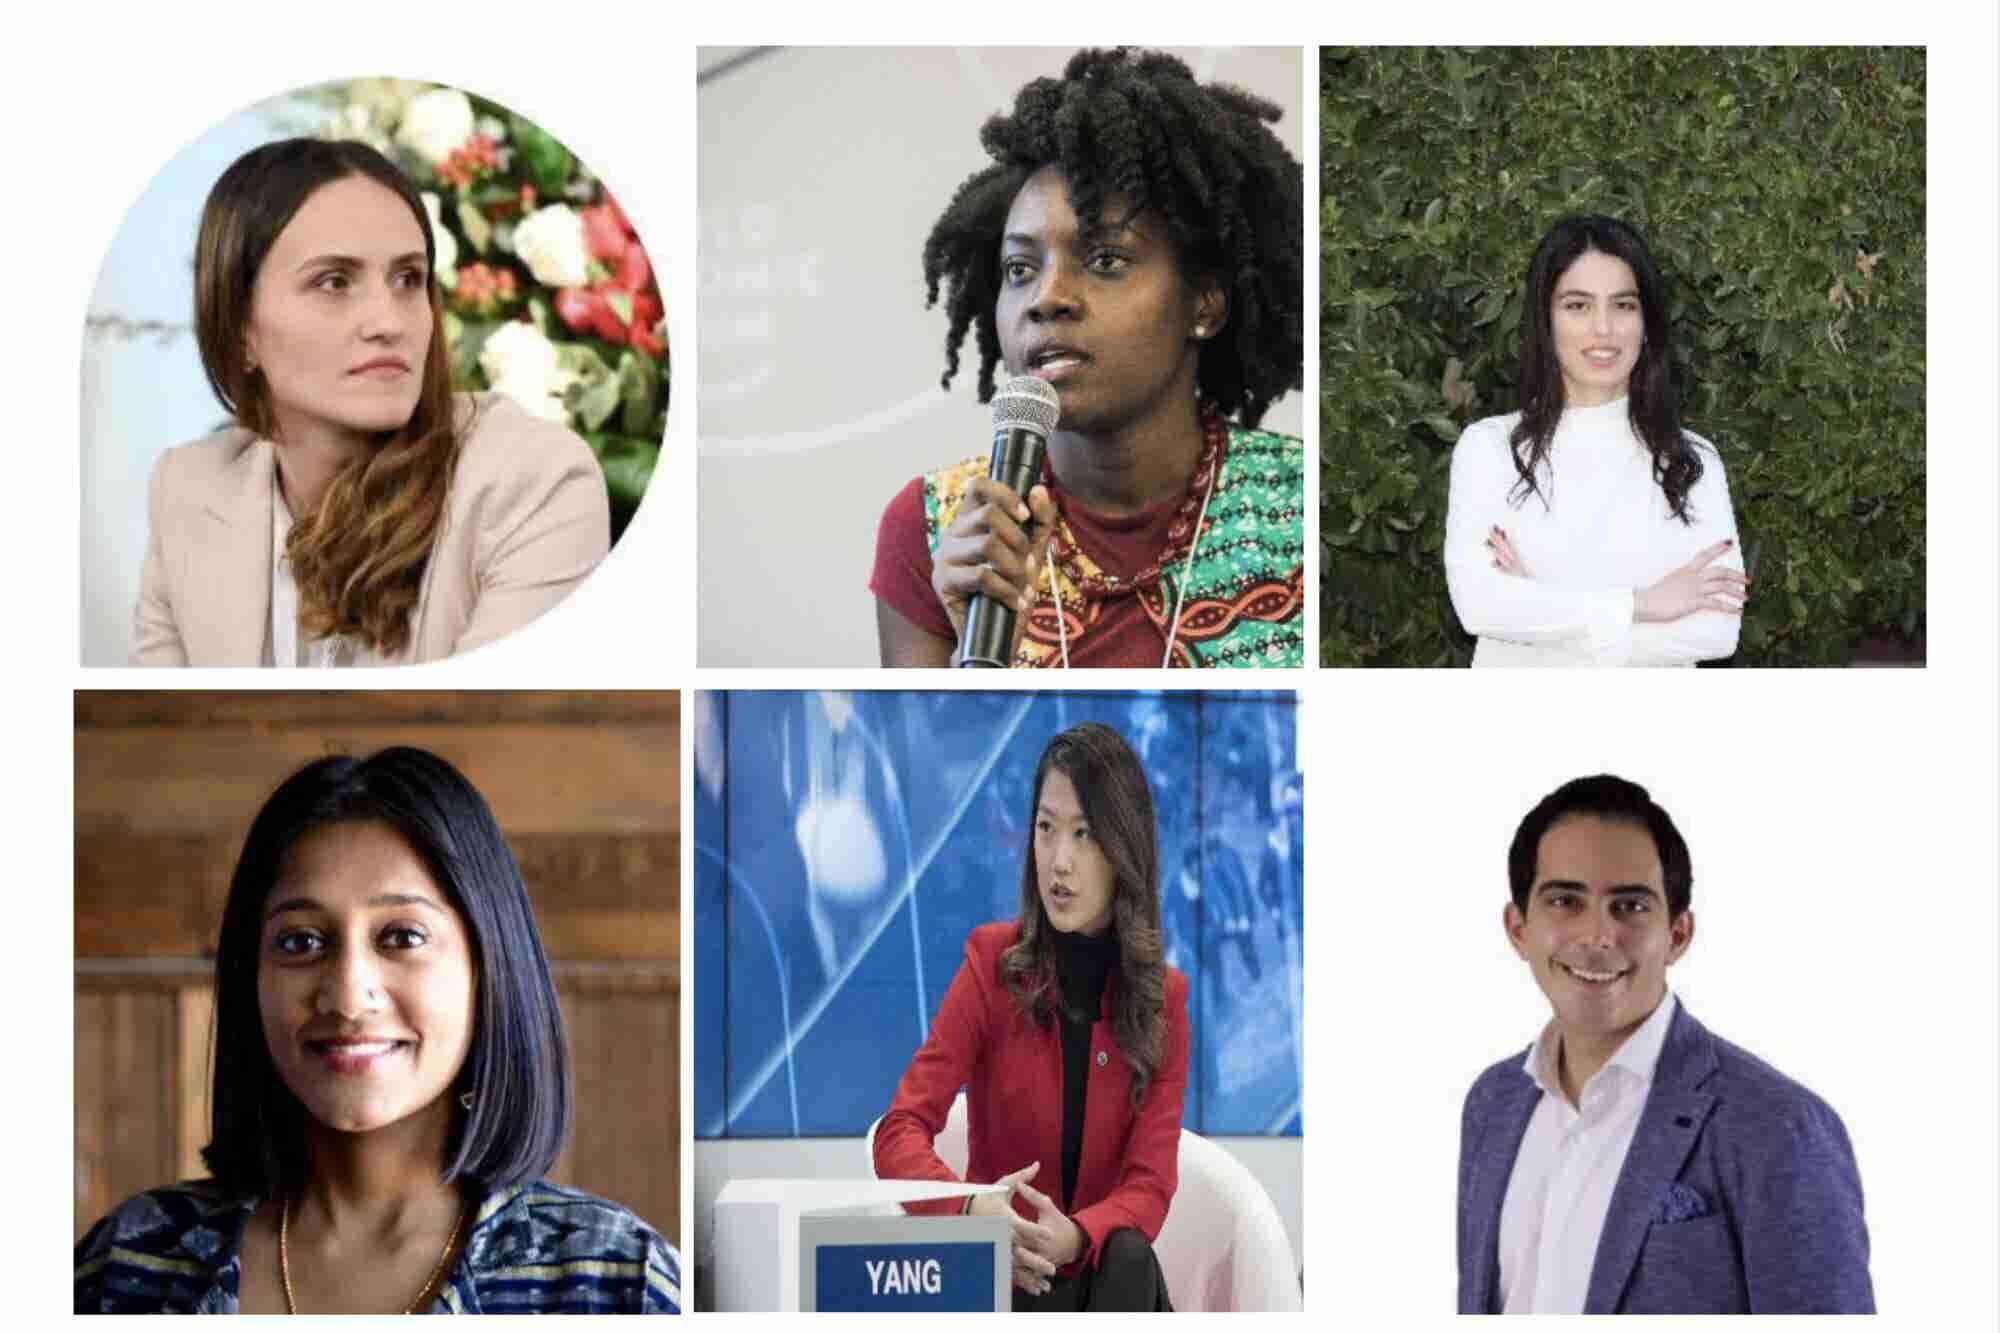 Estos 6 jóvenes menores de 35 años están cambiando al mundo